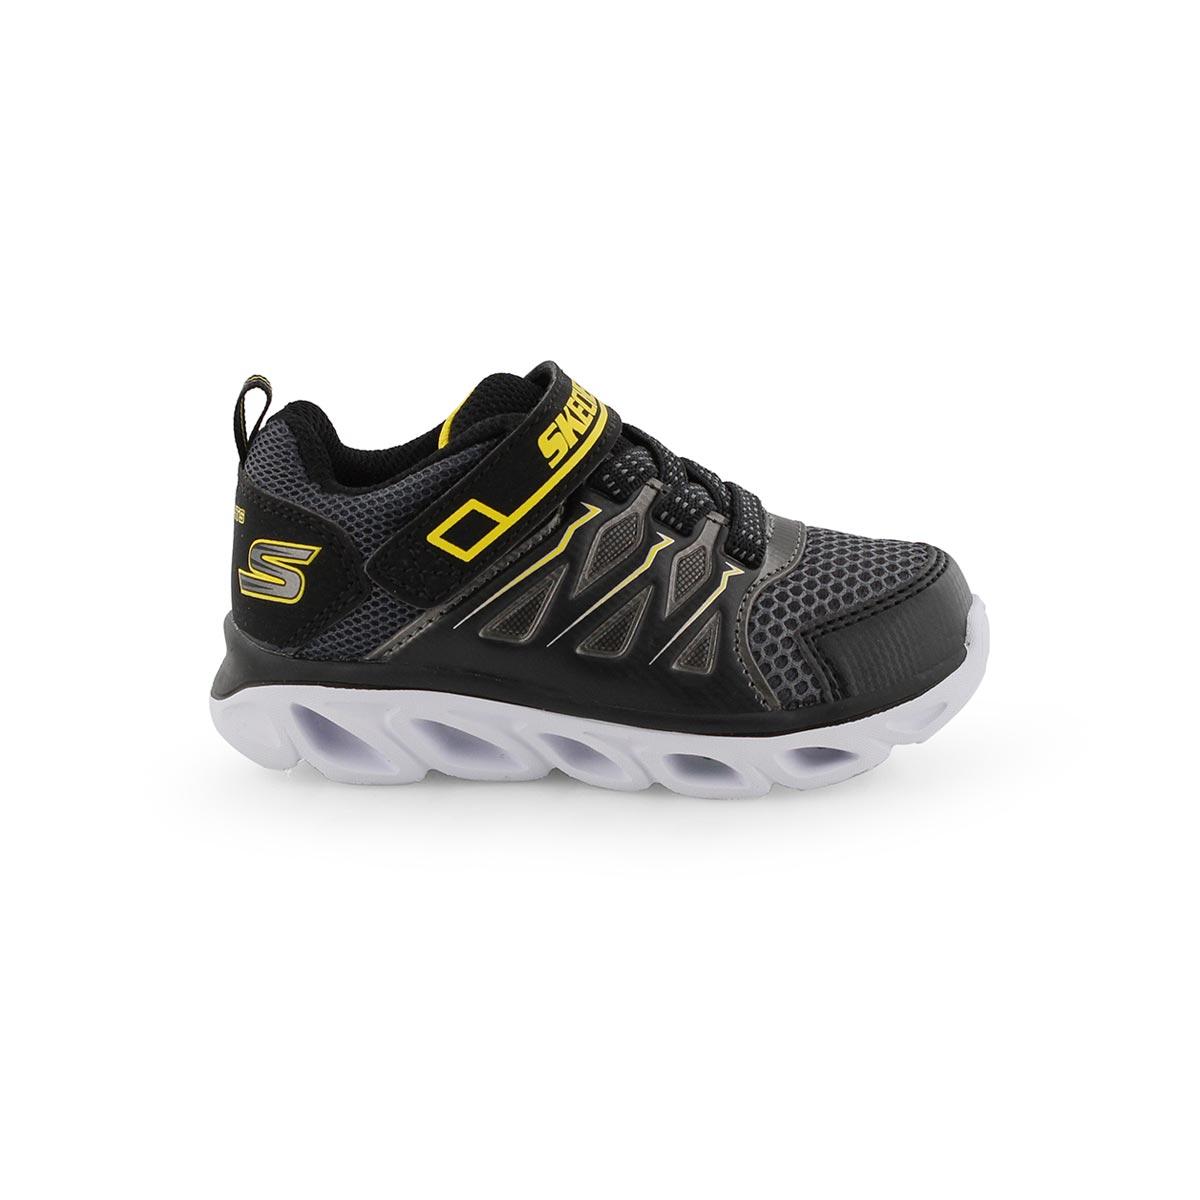 Infs-b Hypno-Flash 3.0 blk/ ylw sneaker